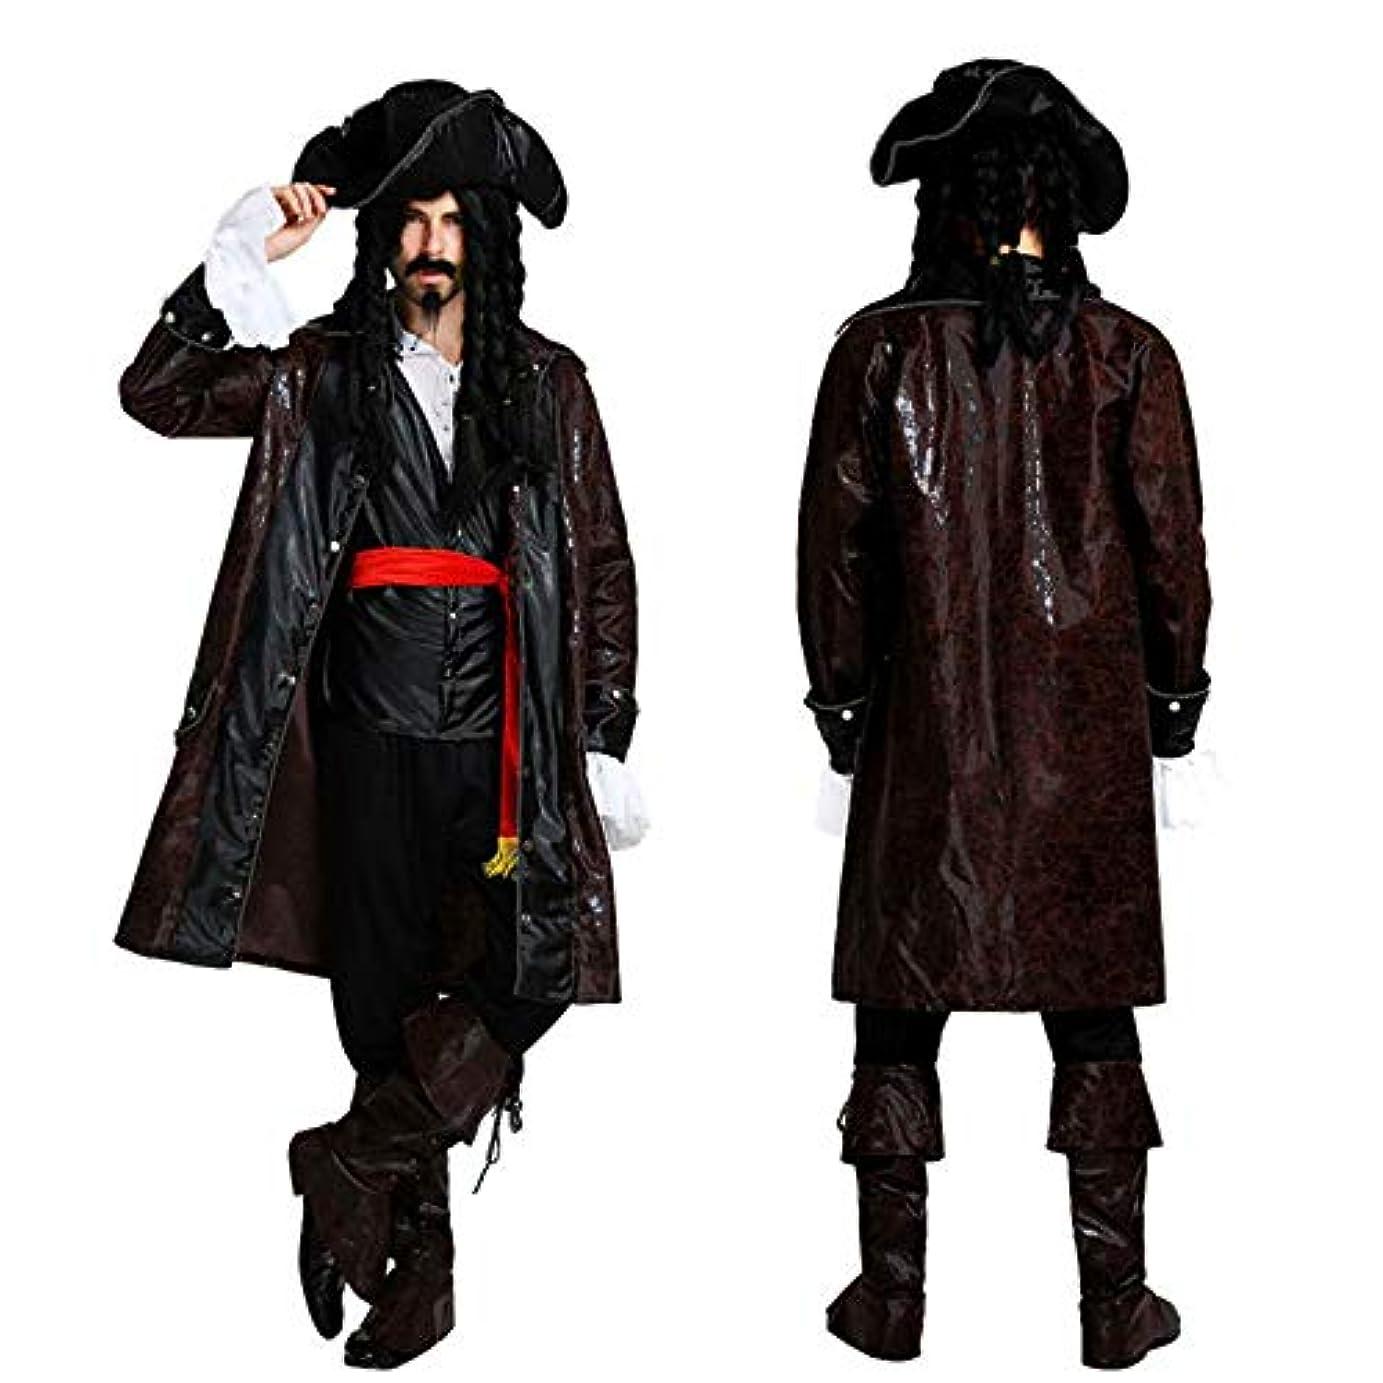 monoii 海賊 コスプレ メンズ ハロウィン コスチューム パイレーツ 衣装 仮装 男 c529